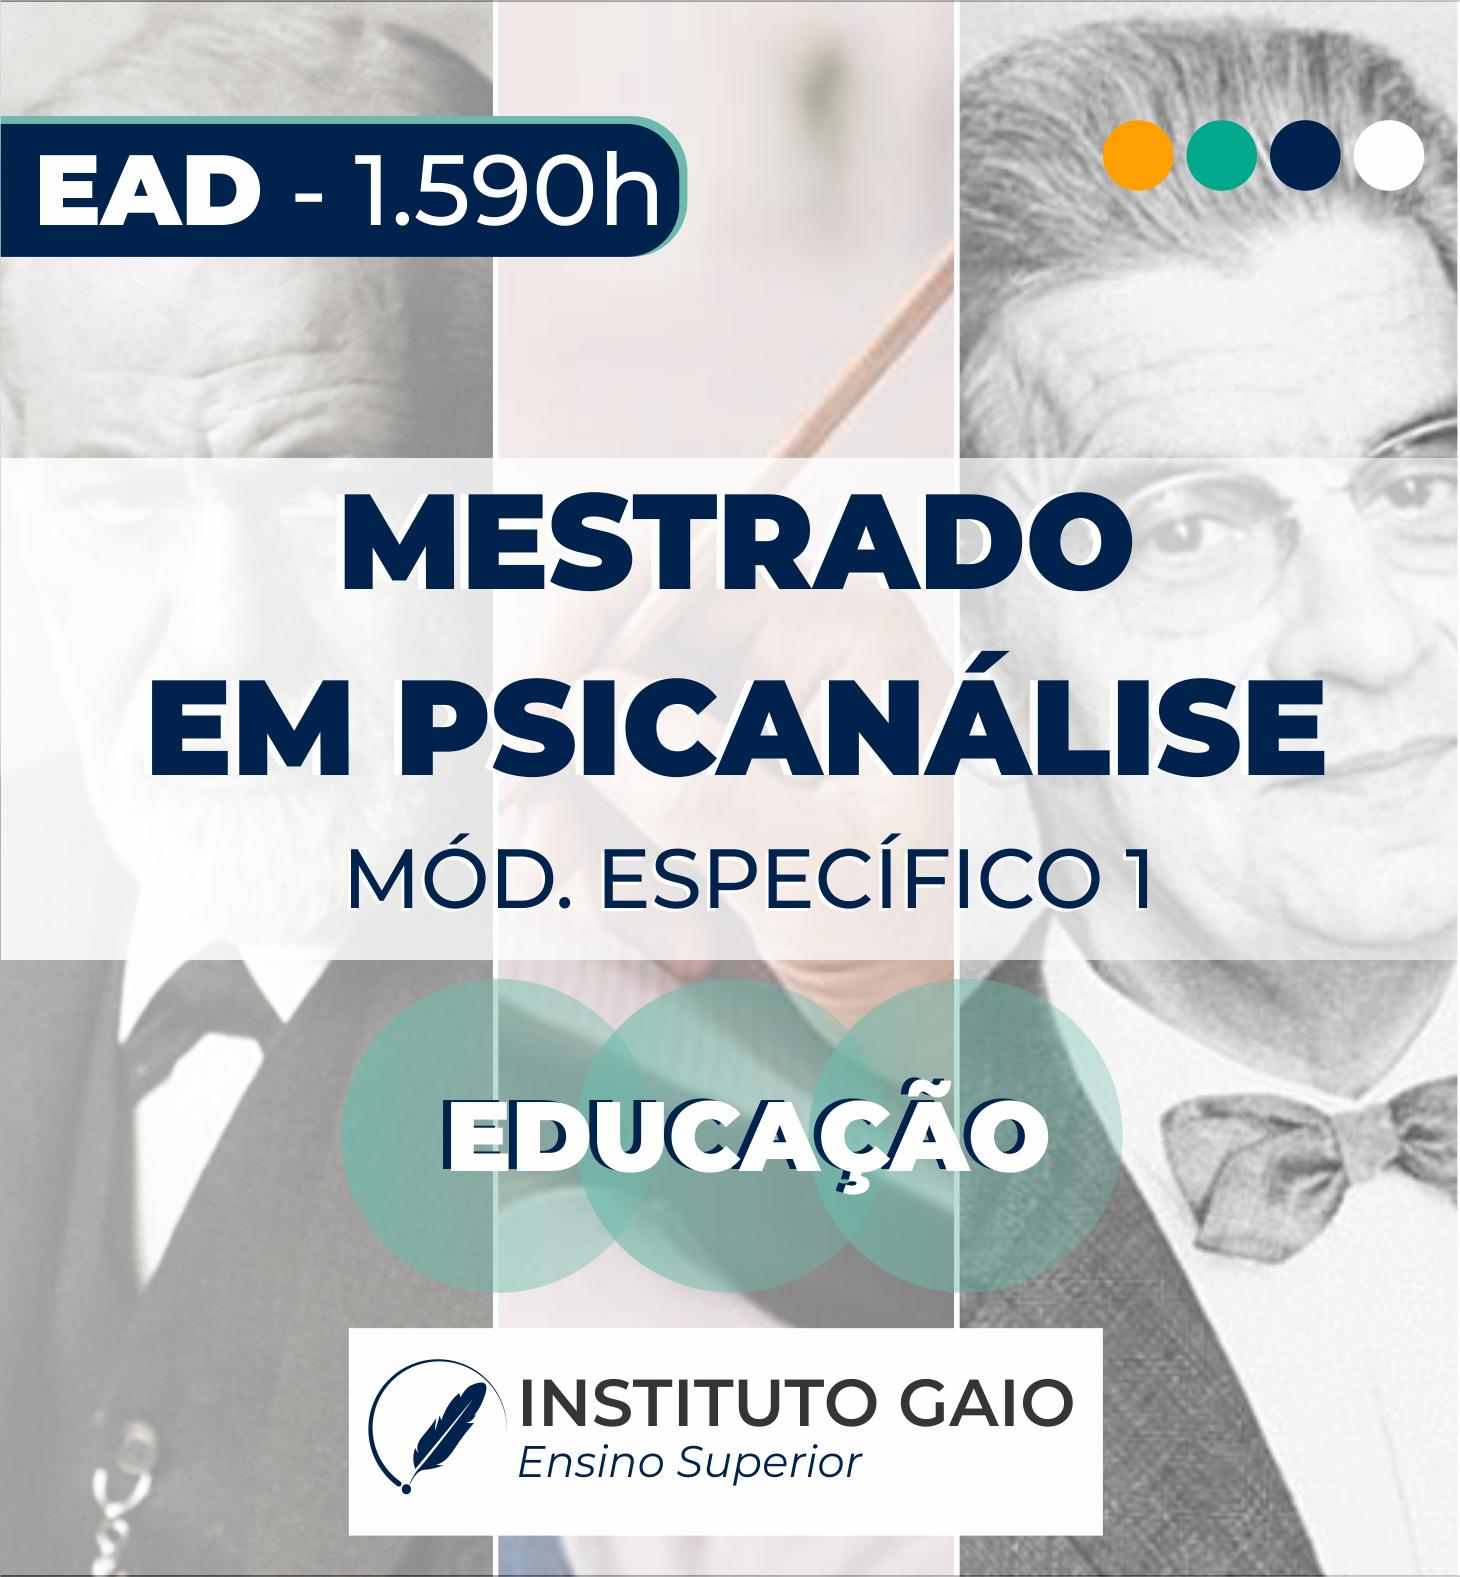 MESTRADO EM PSICANÁLISE – EAD – ESPECÍFICA 1 – EDUCAÇÃO –  1.590h